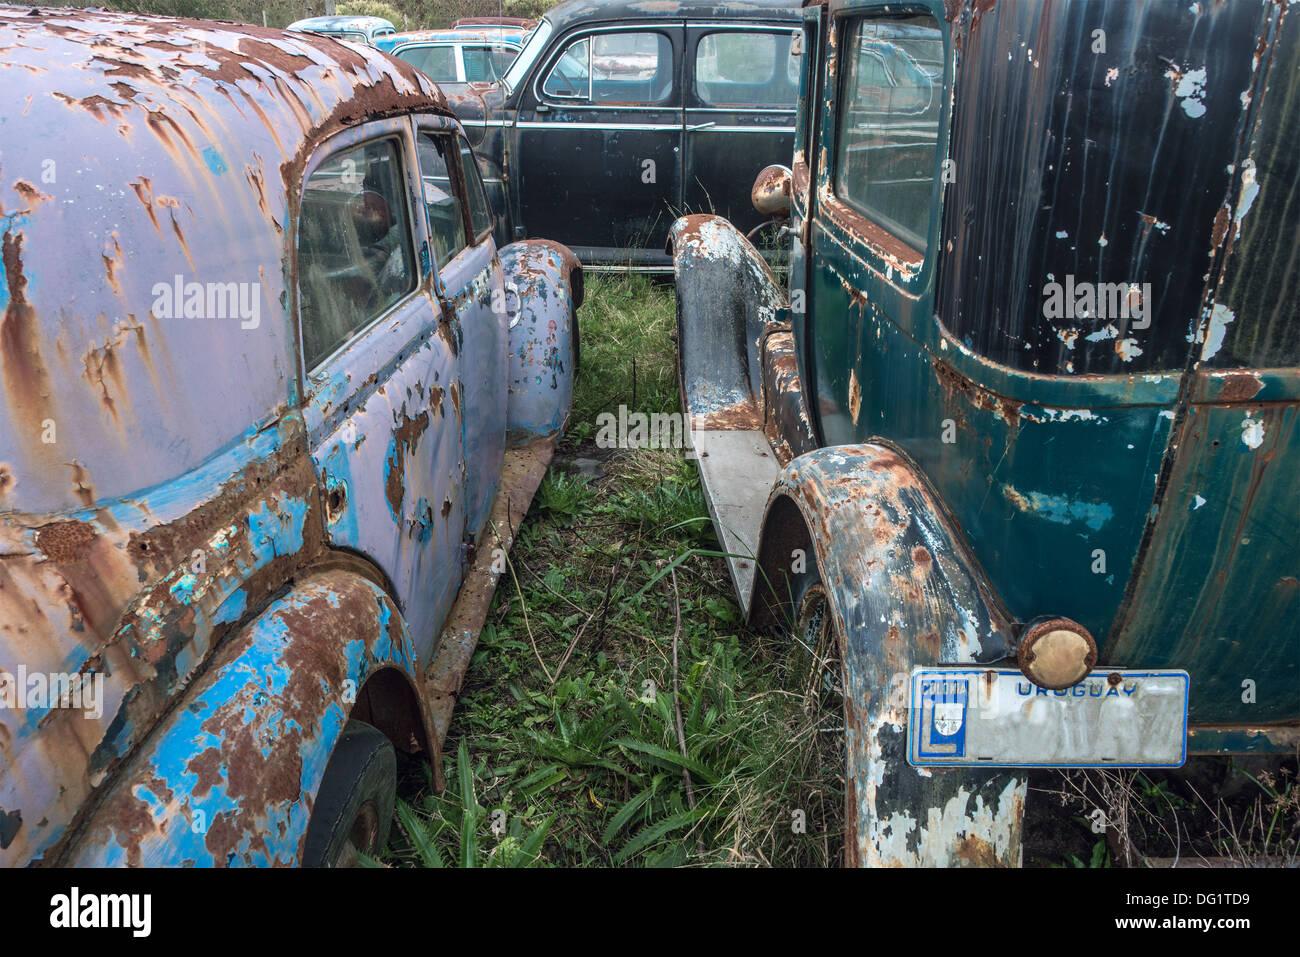 Junkyard Recycling Garbage Car, Uruguay, Latin America - Stock Image